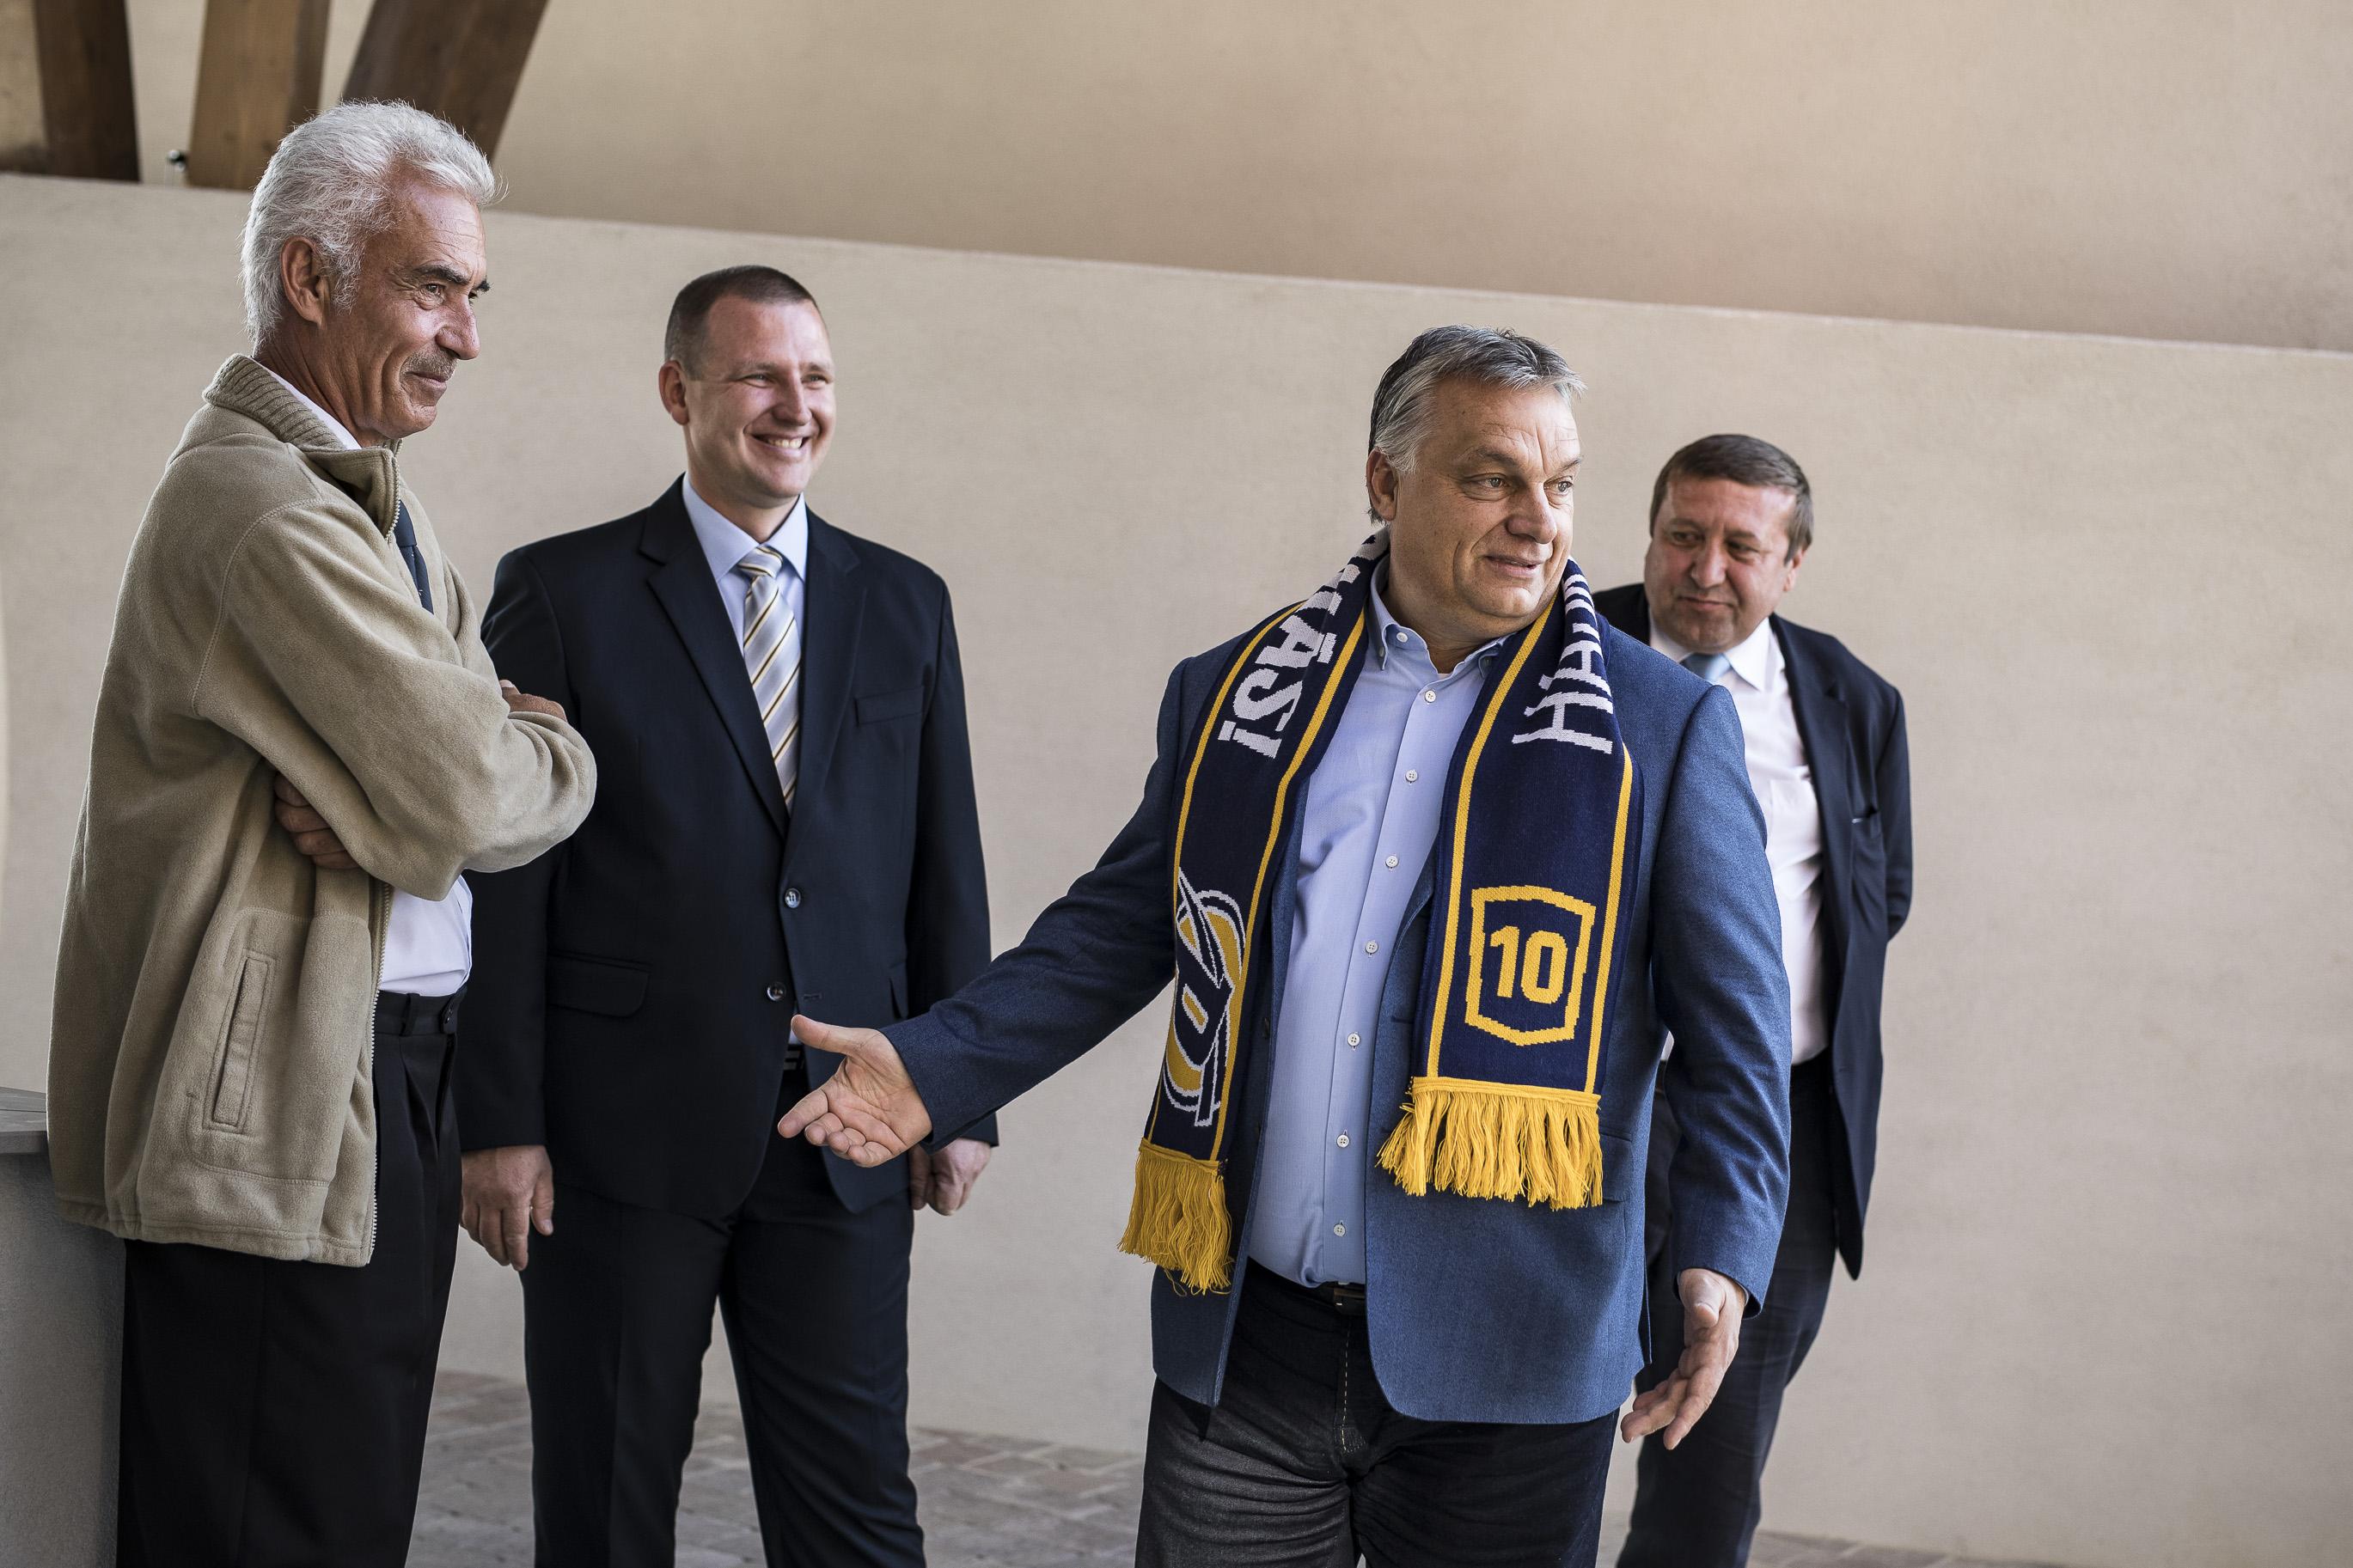 8,8 milliárd forint nyereséget termelt tavaly a felcsúti focialapítvány